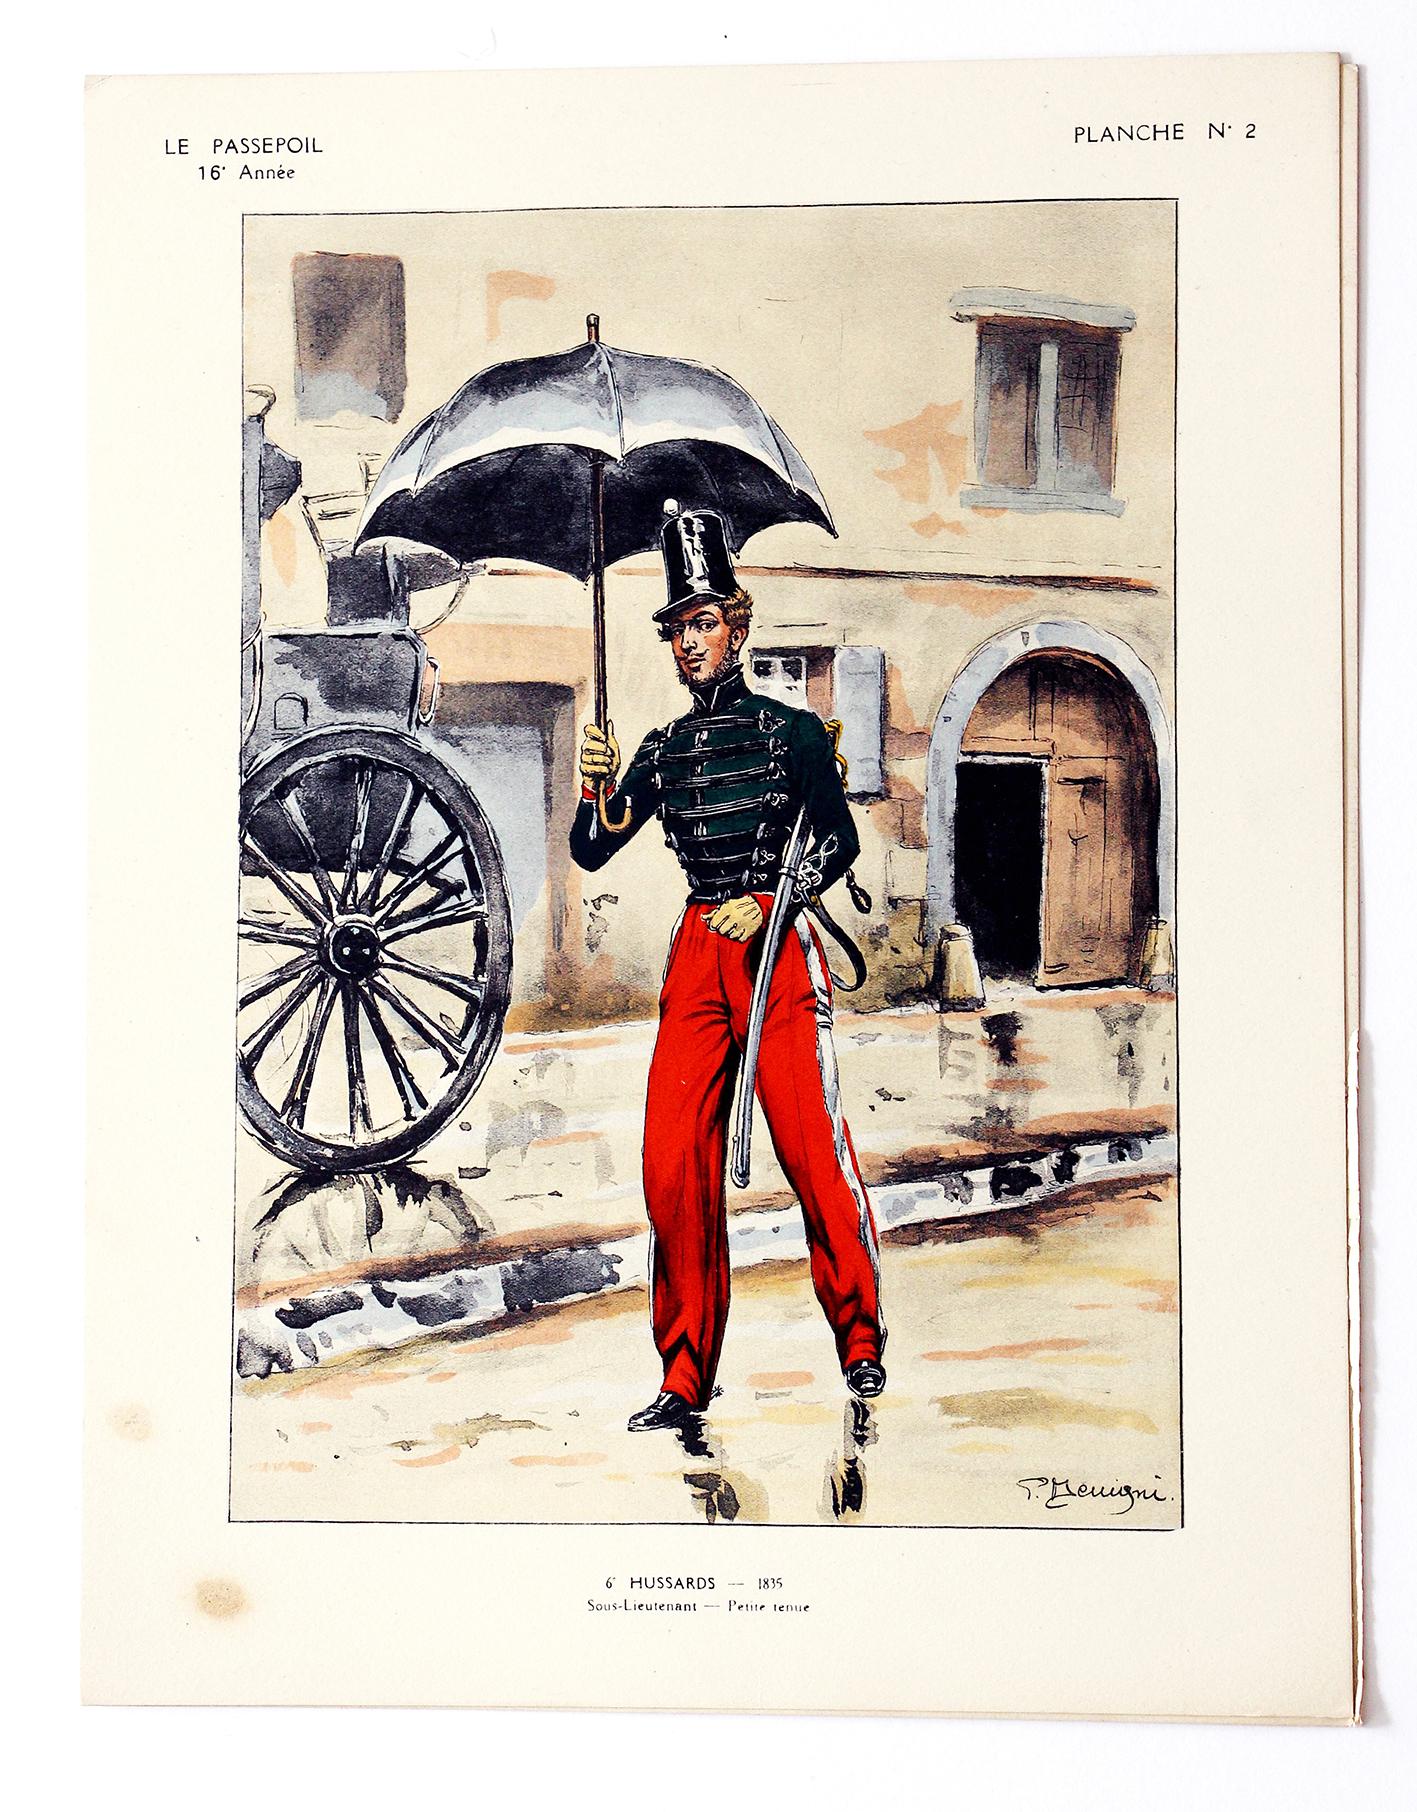 6e Hussards - 1830 - Pierre Benigni - Le Passepoil